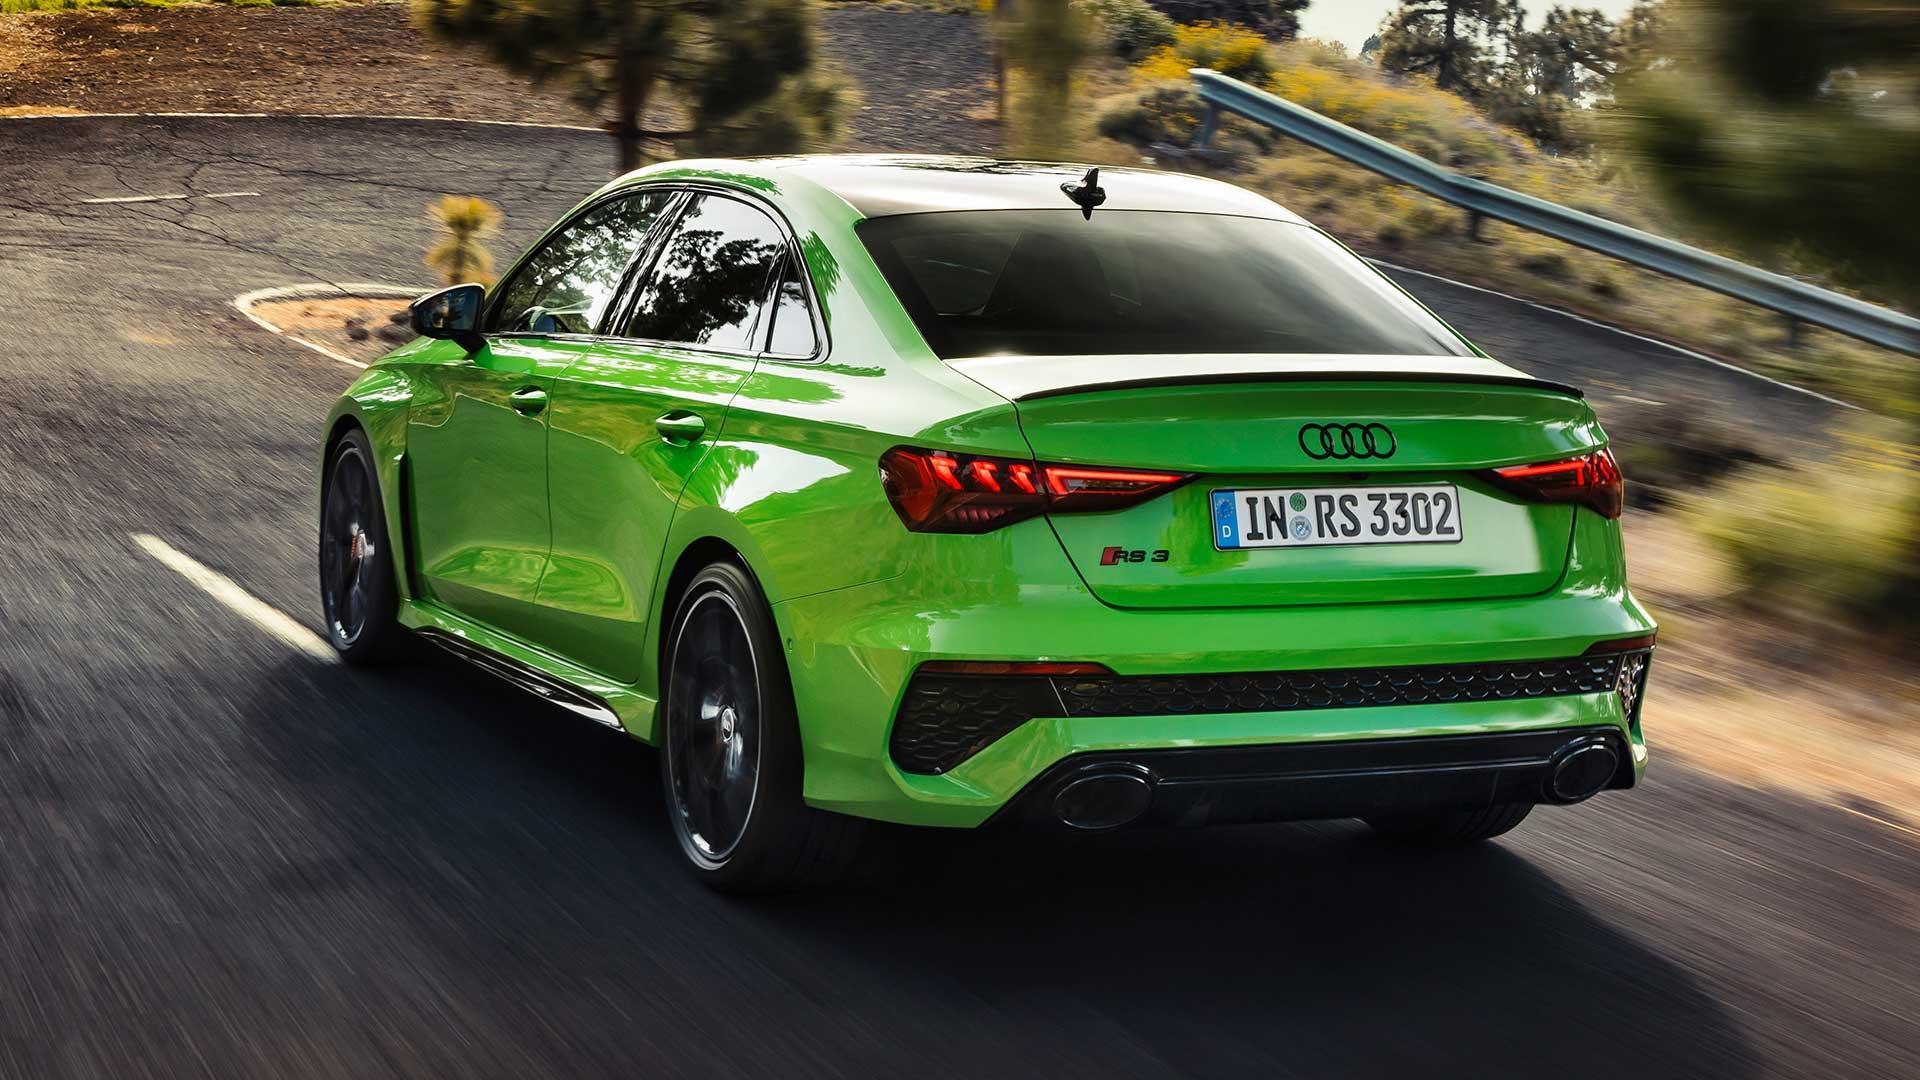 Audi RS 3 (2021) Limousine